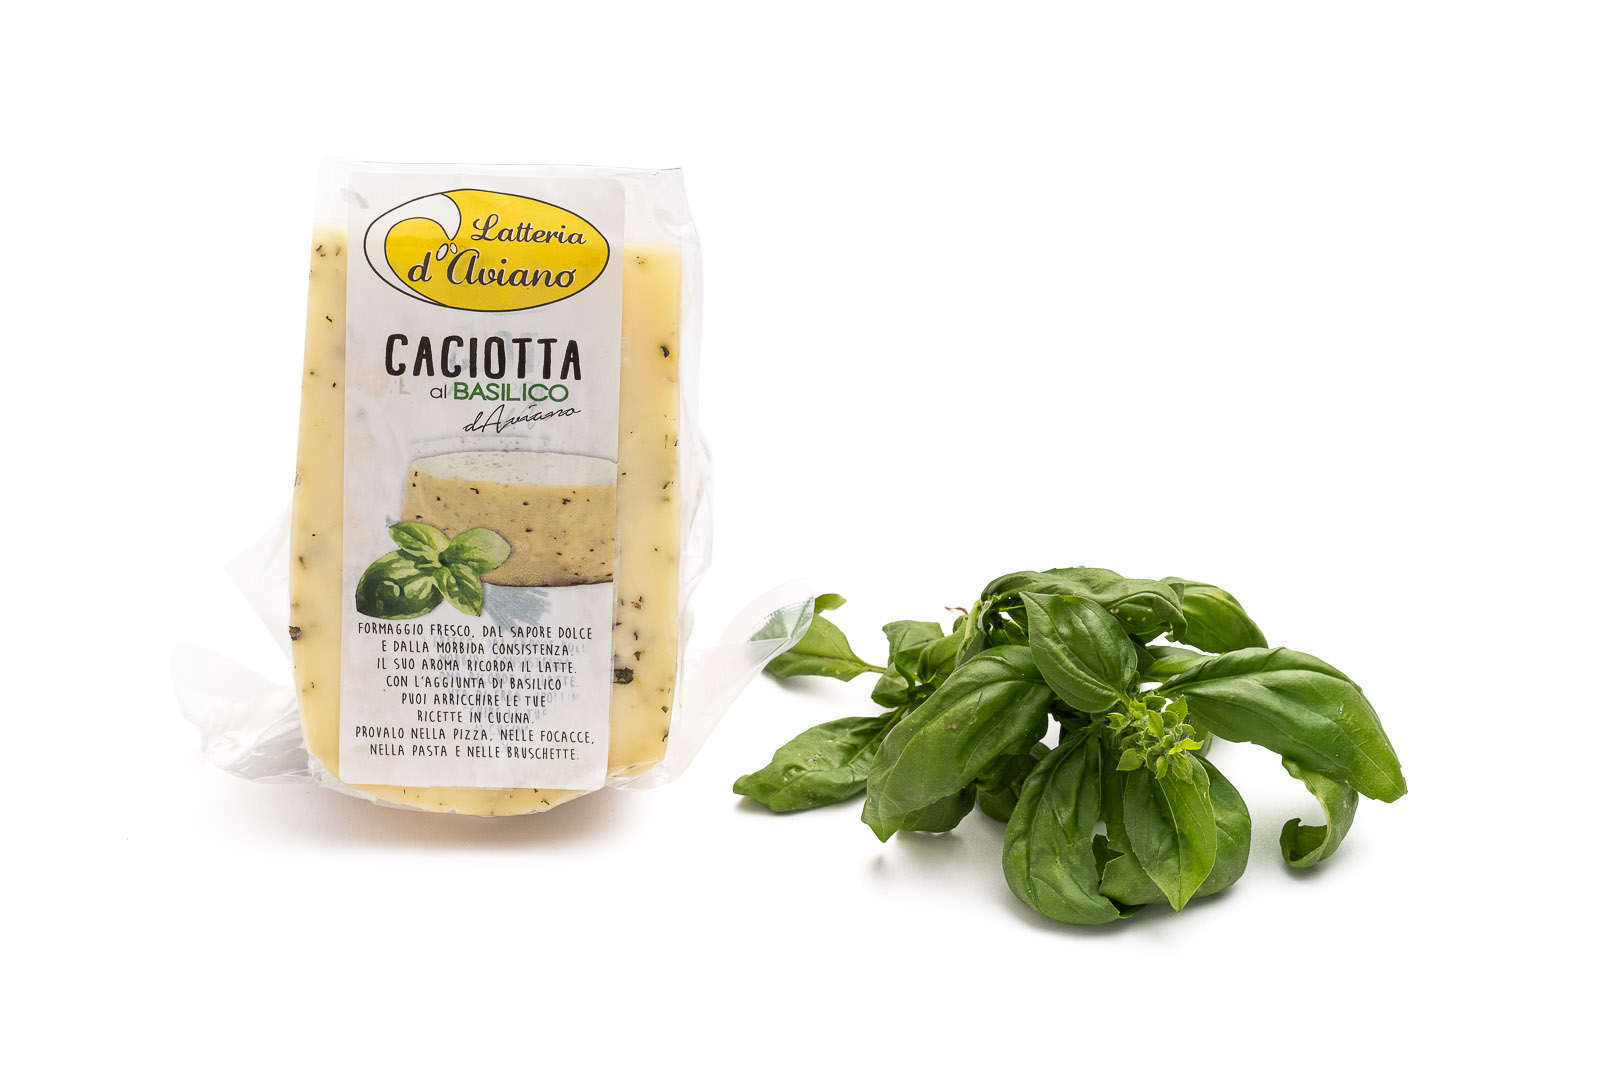 Caciotta d'Aviano basilico - Del Ben formaggi - 300g